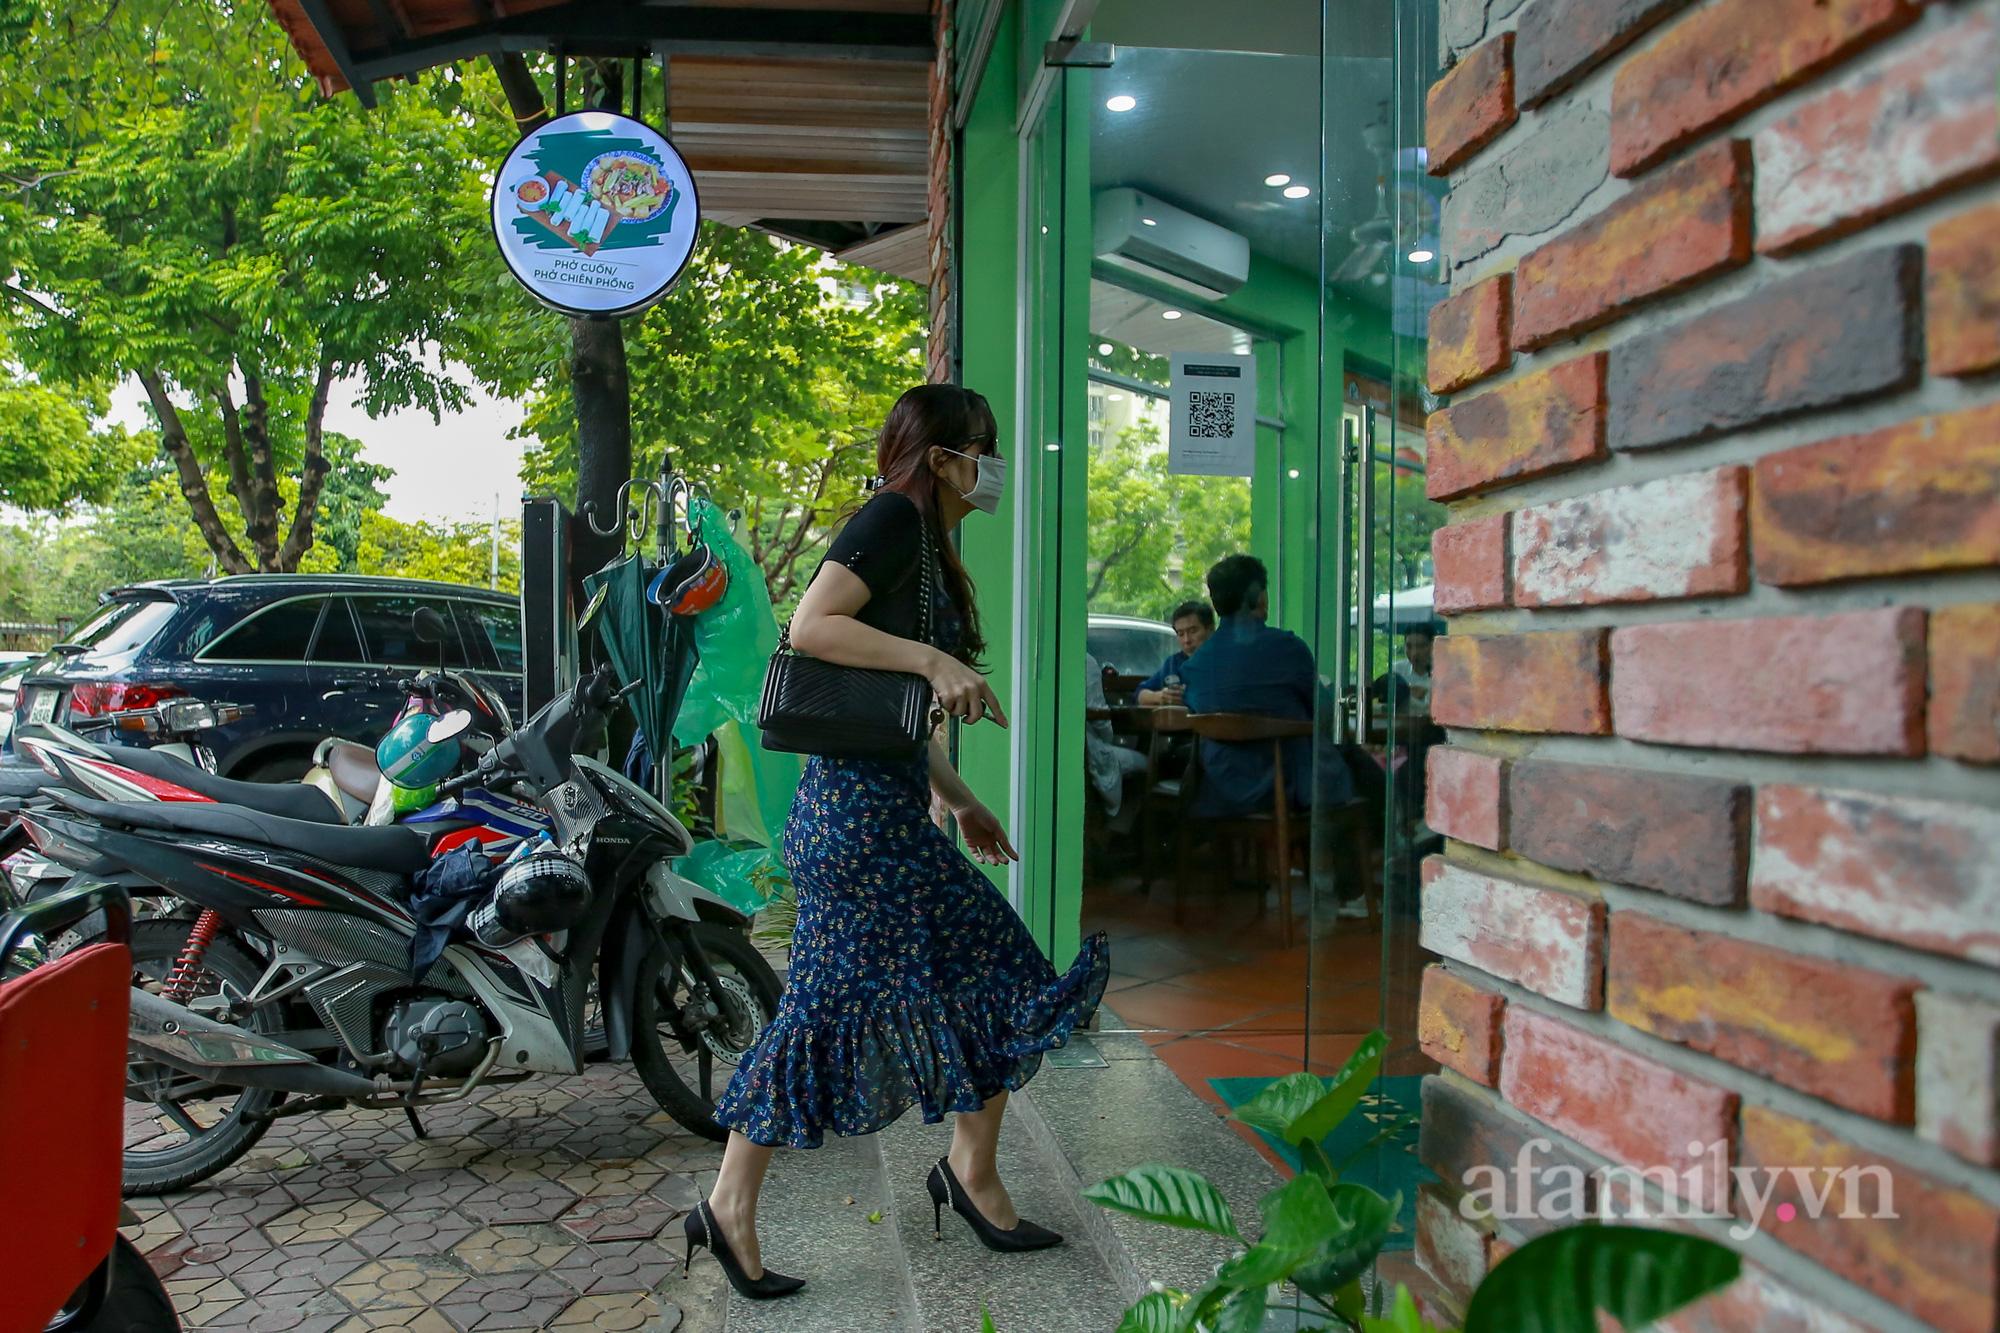 Người Hà Nội hồ hởi dậy sớm đi ăn sáng, cafe khi hàng ăn, uống được mở bán tại chỗ - Ảnh 8.